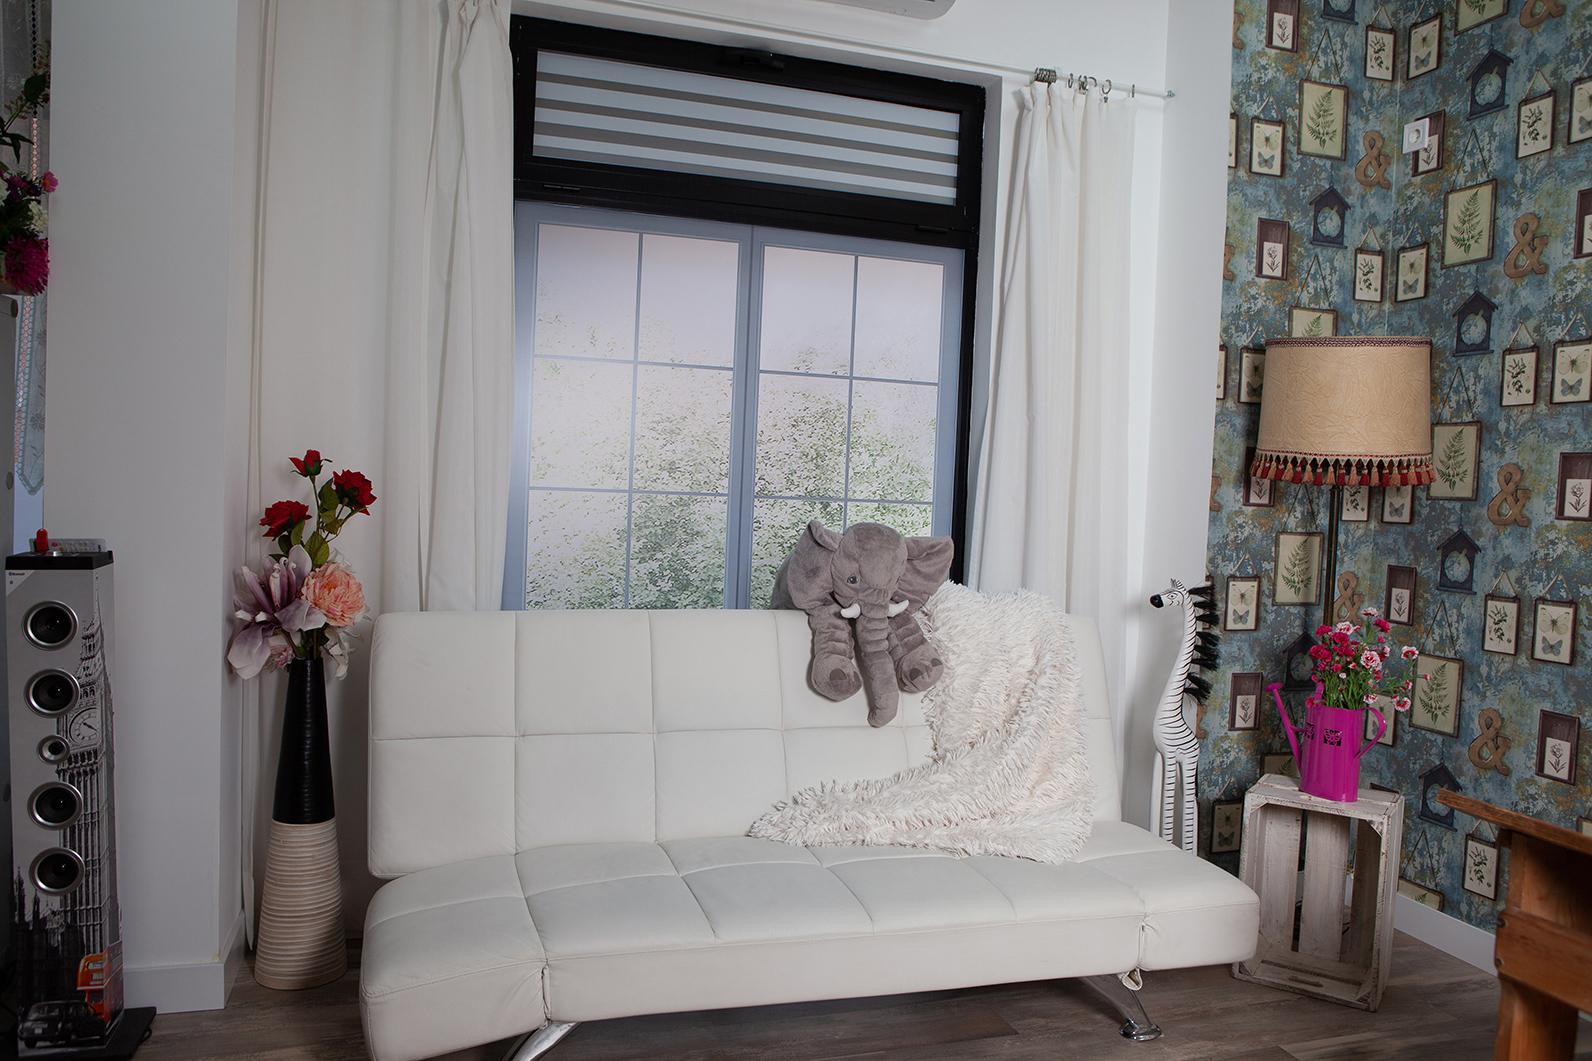 decorado-sofa-bjfotografia